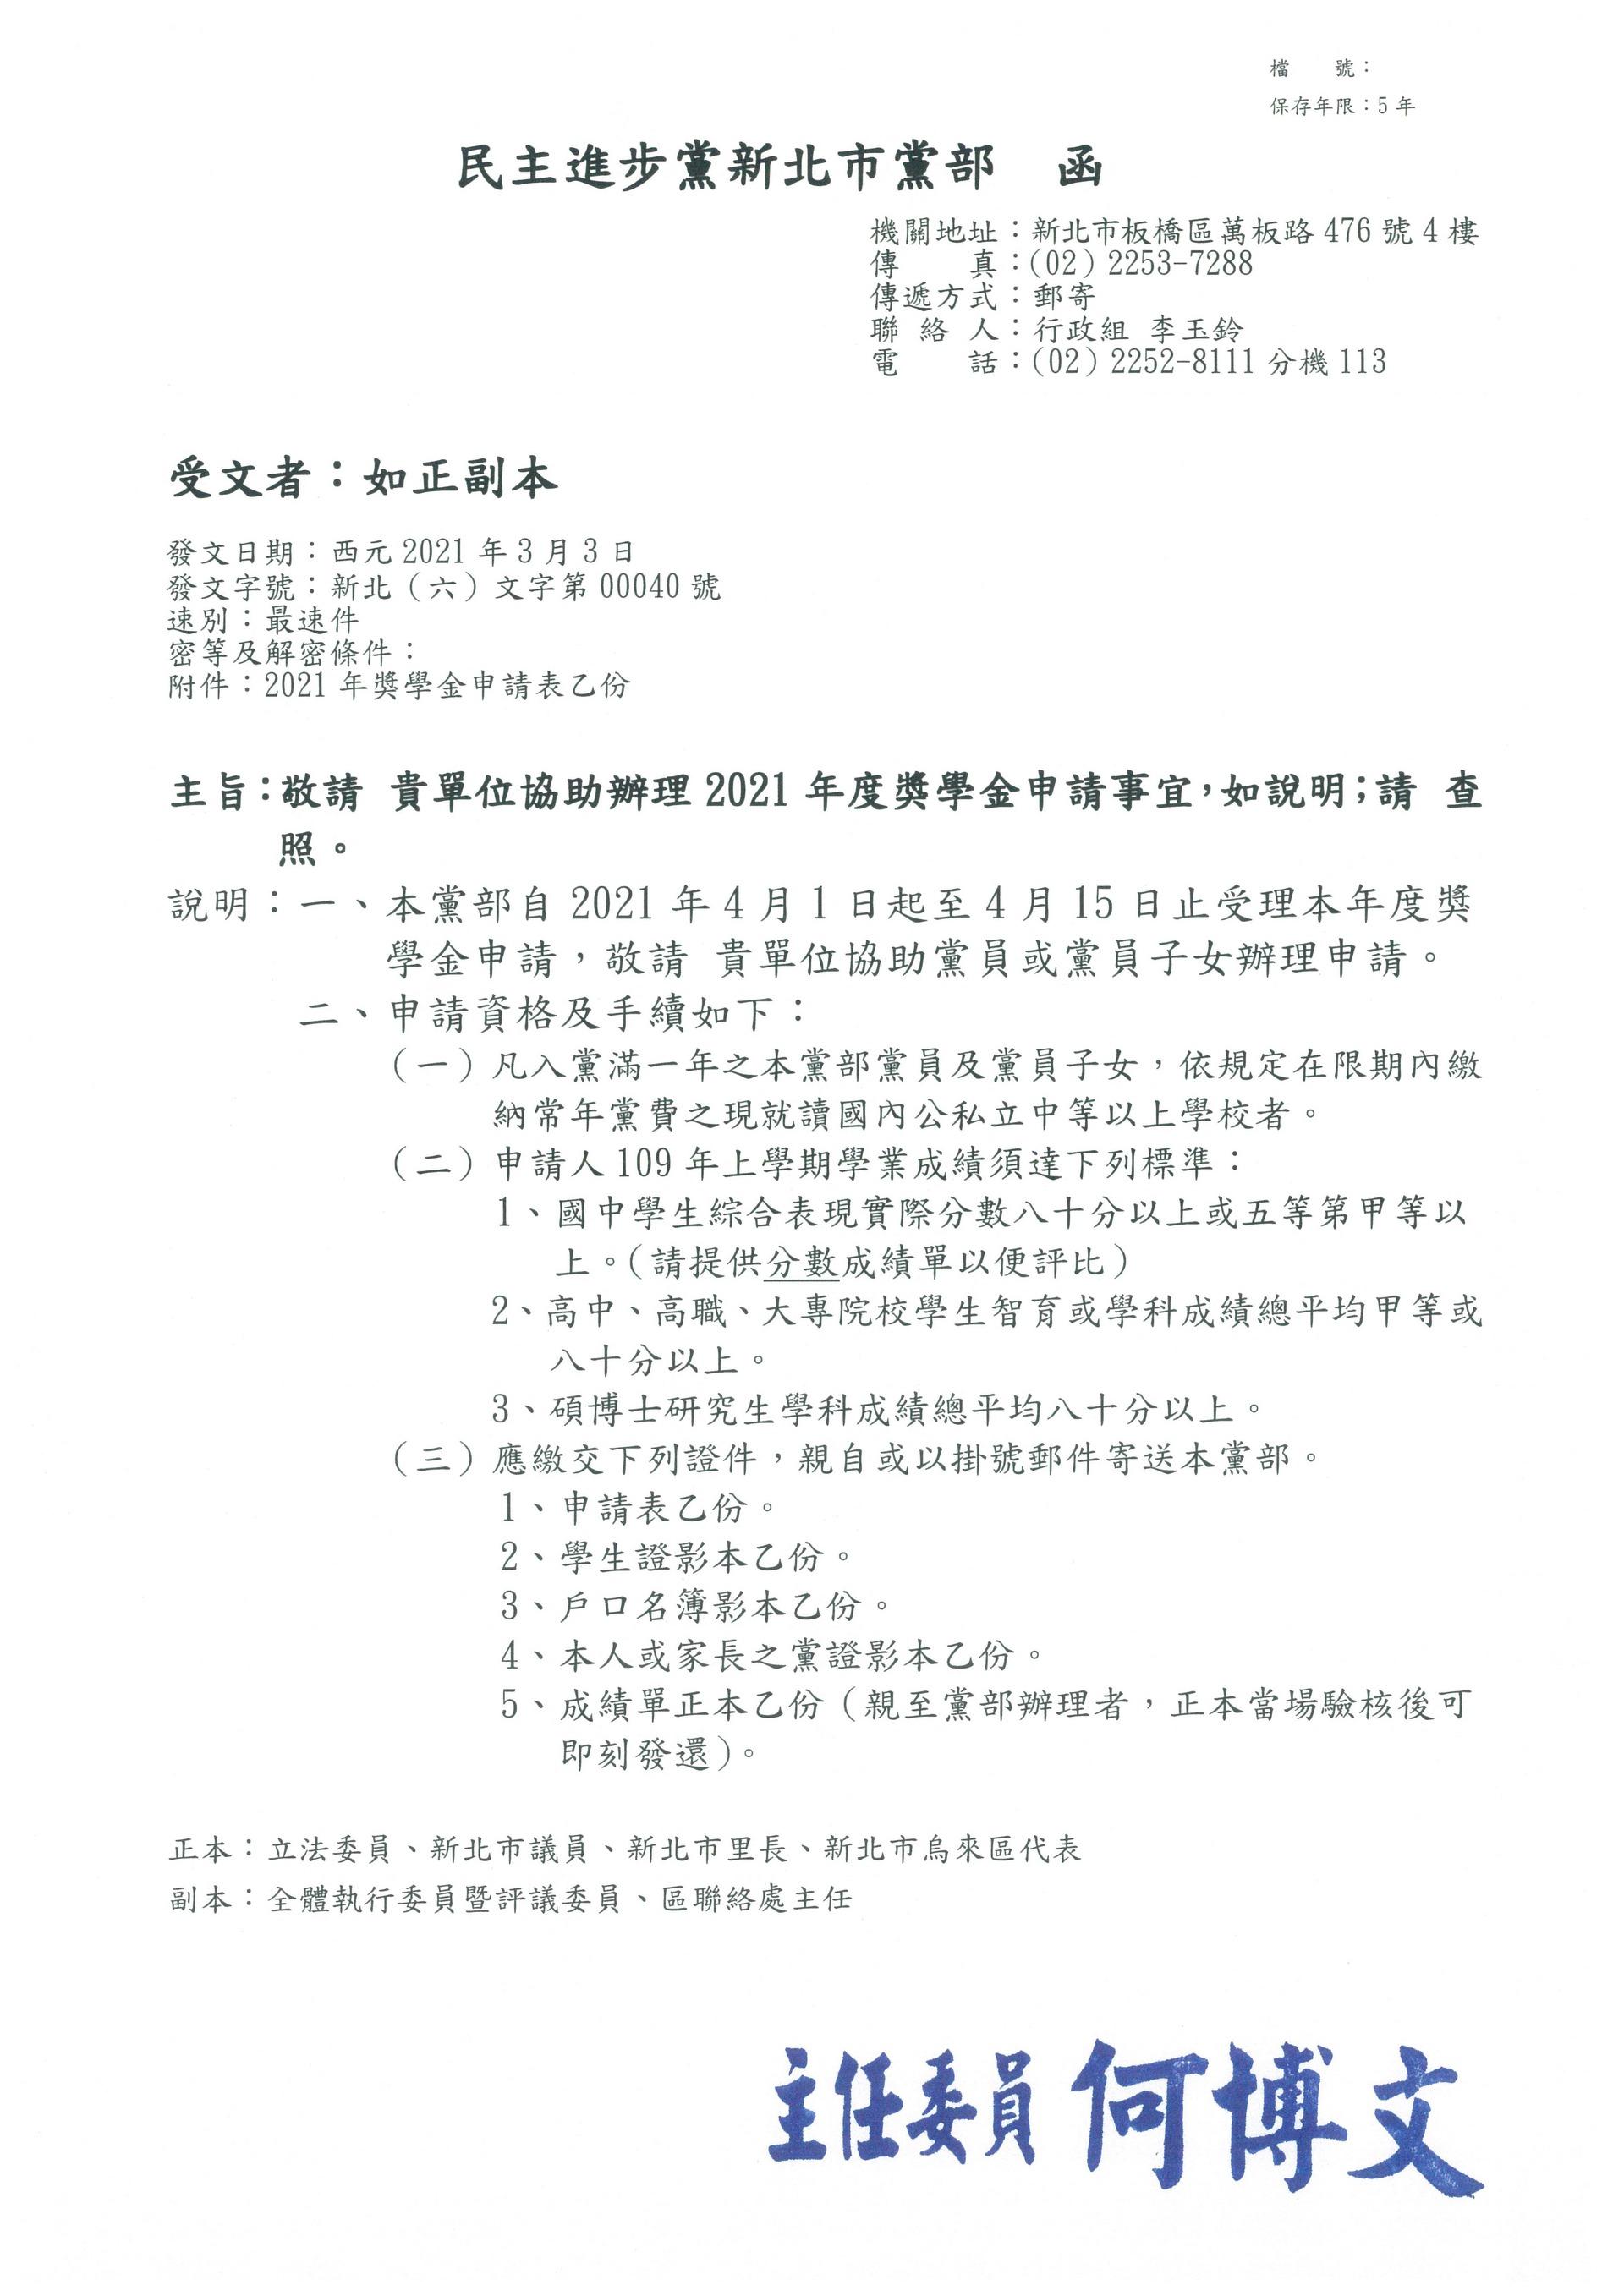 獎學金申請書-2